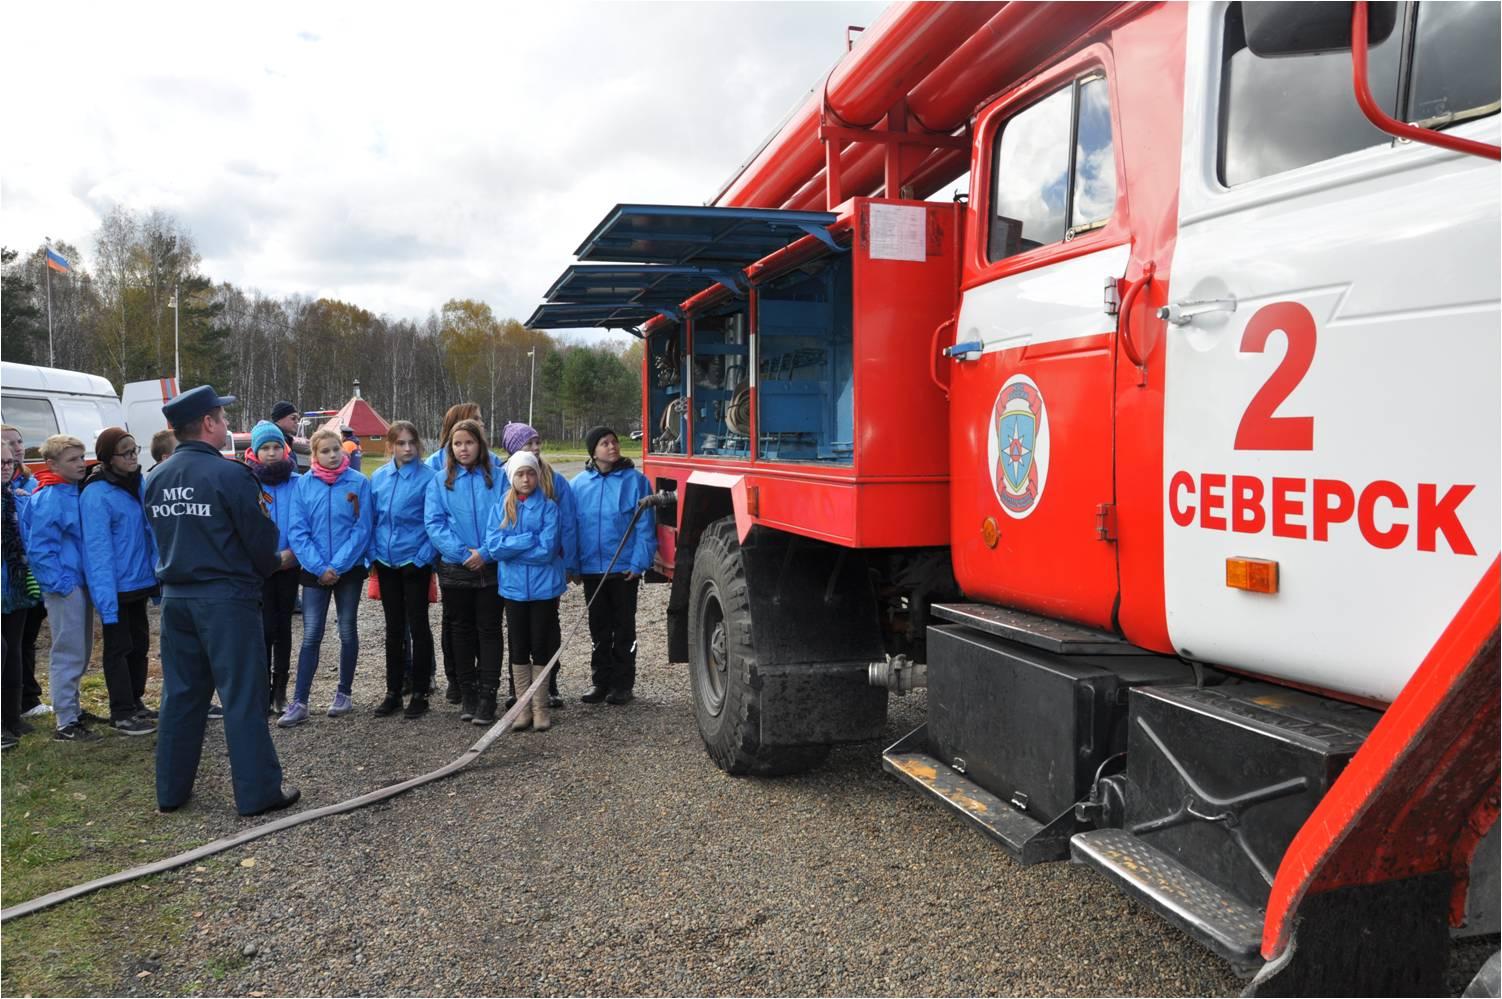 Открытый урок по основам безопасности жизнедеятельности в Экстрим-парке, приуроченный к 83-й годовщине со дня образования ГО страны и 25-летию МЧС России, 2 октября 2015 года